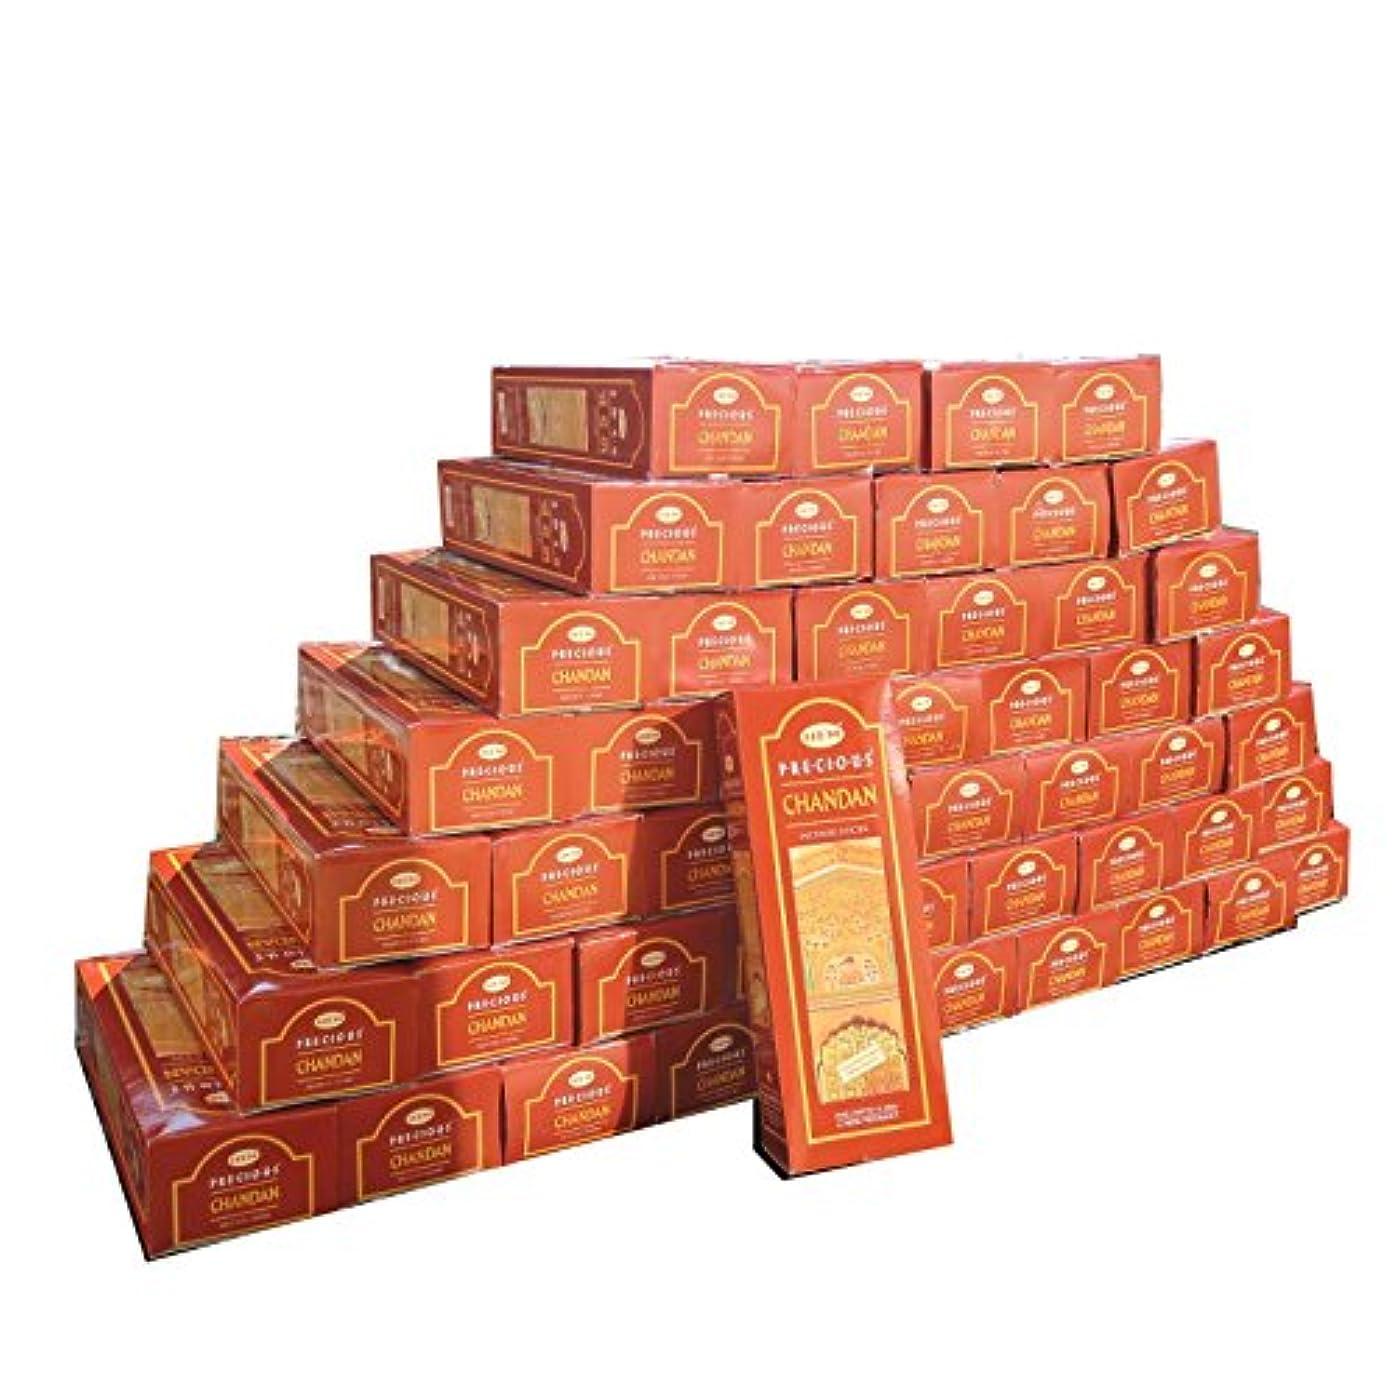 ソロハミングバード説明する業務用 インドスティック形お香 プレシャスチャンダン 300箱入り